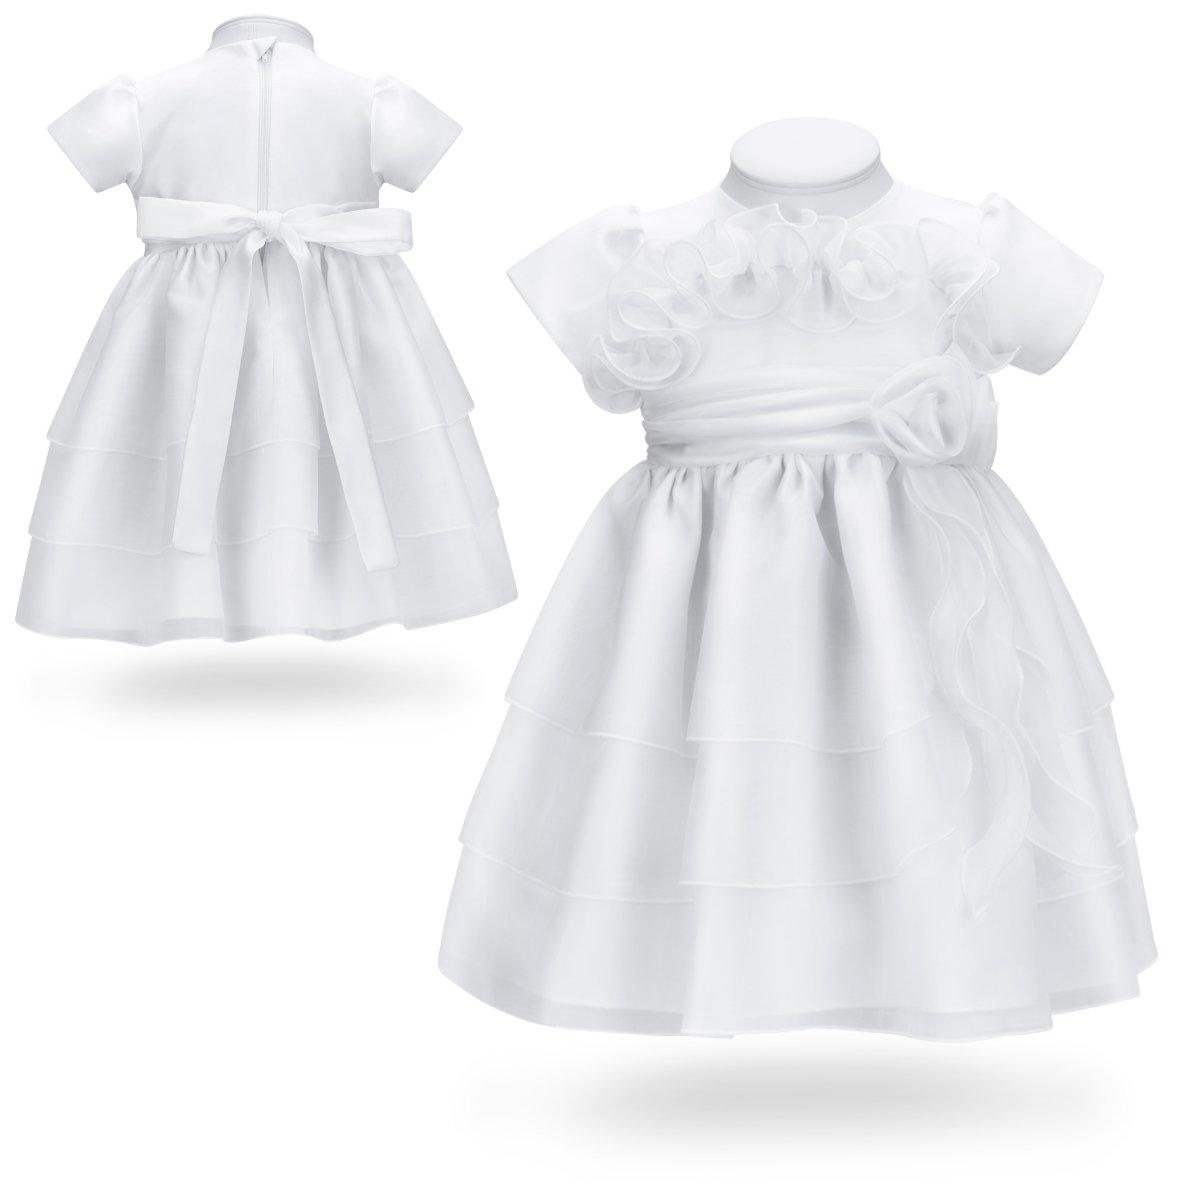 Sukienka na chrzest do chrztu biała potrójna falbana